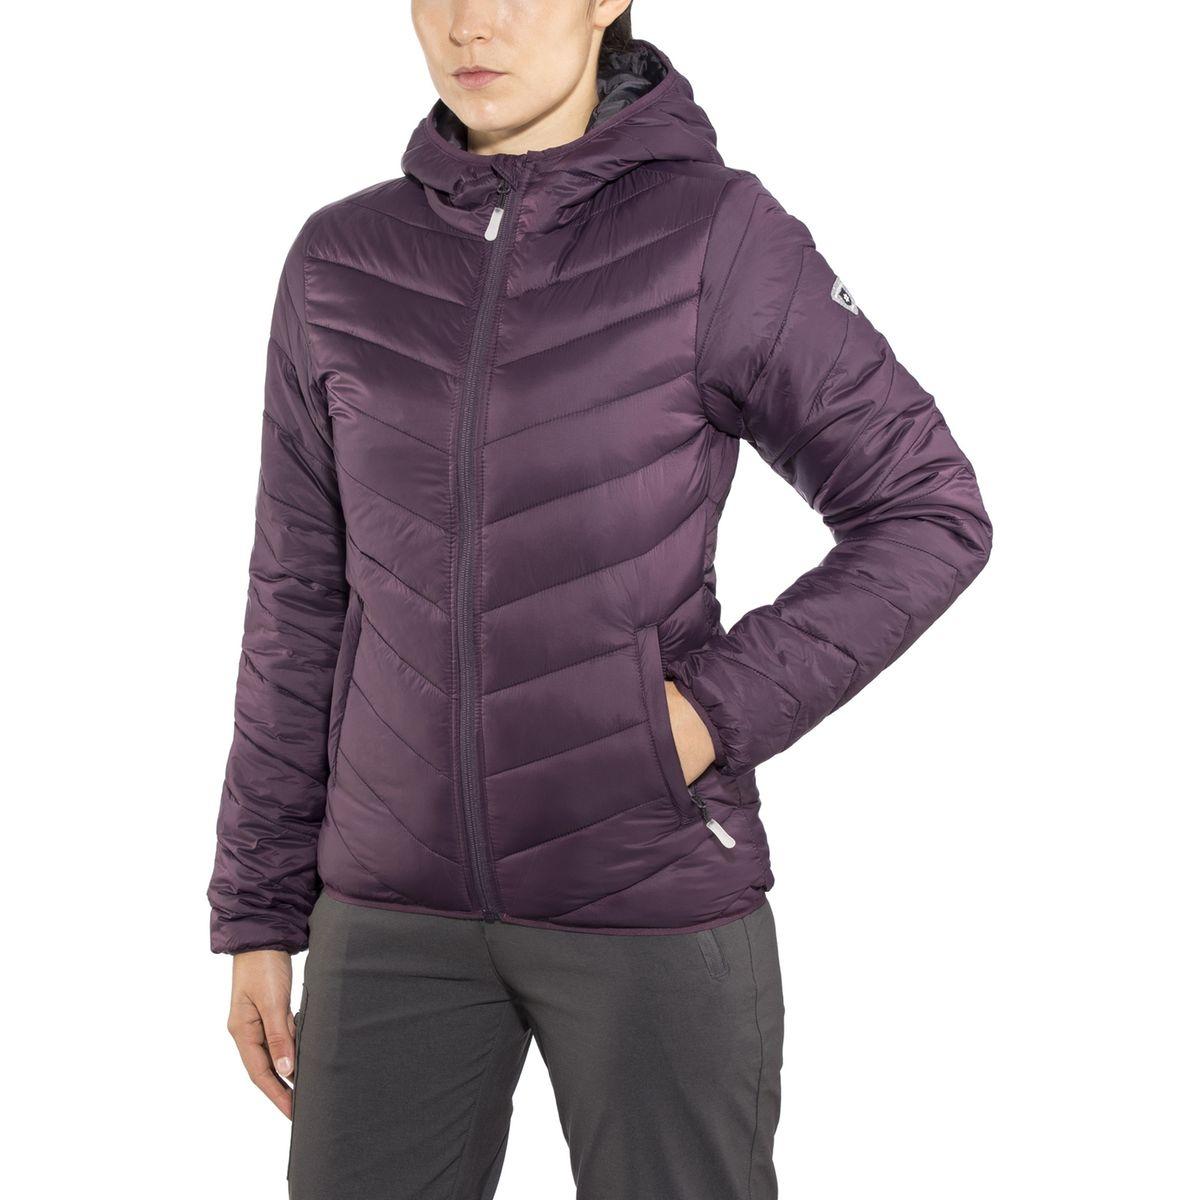 Oregon 2 - Veste Femme - violet